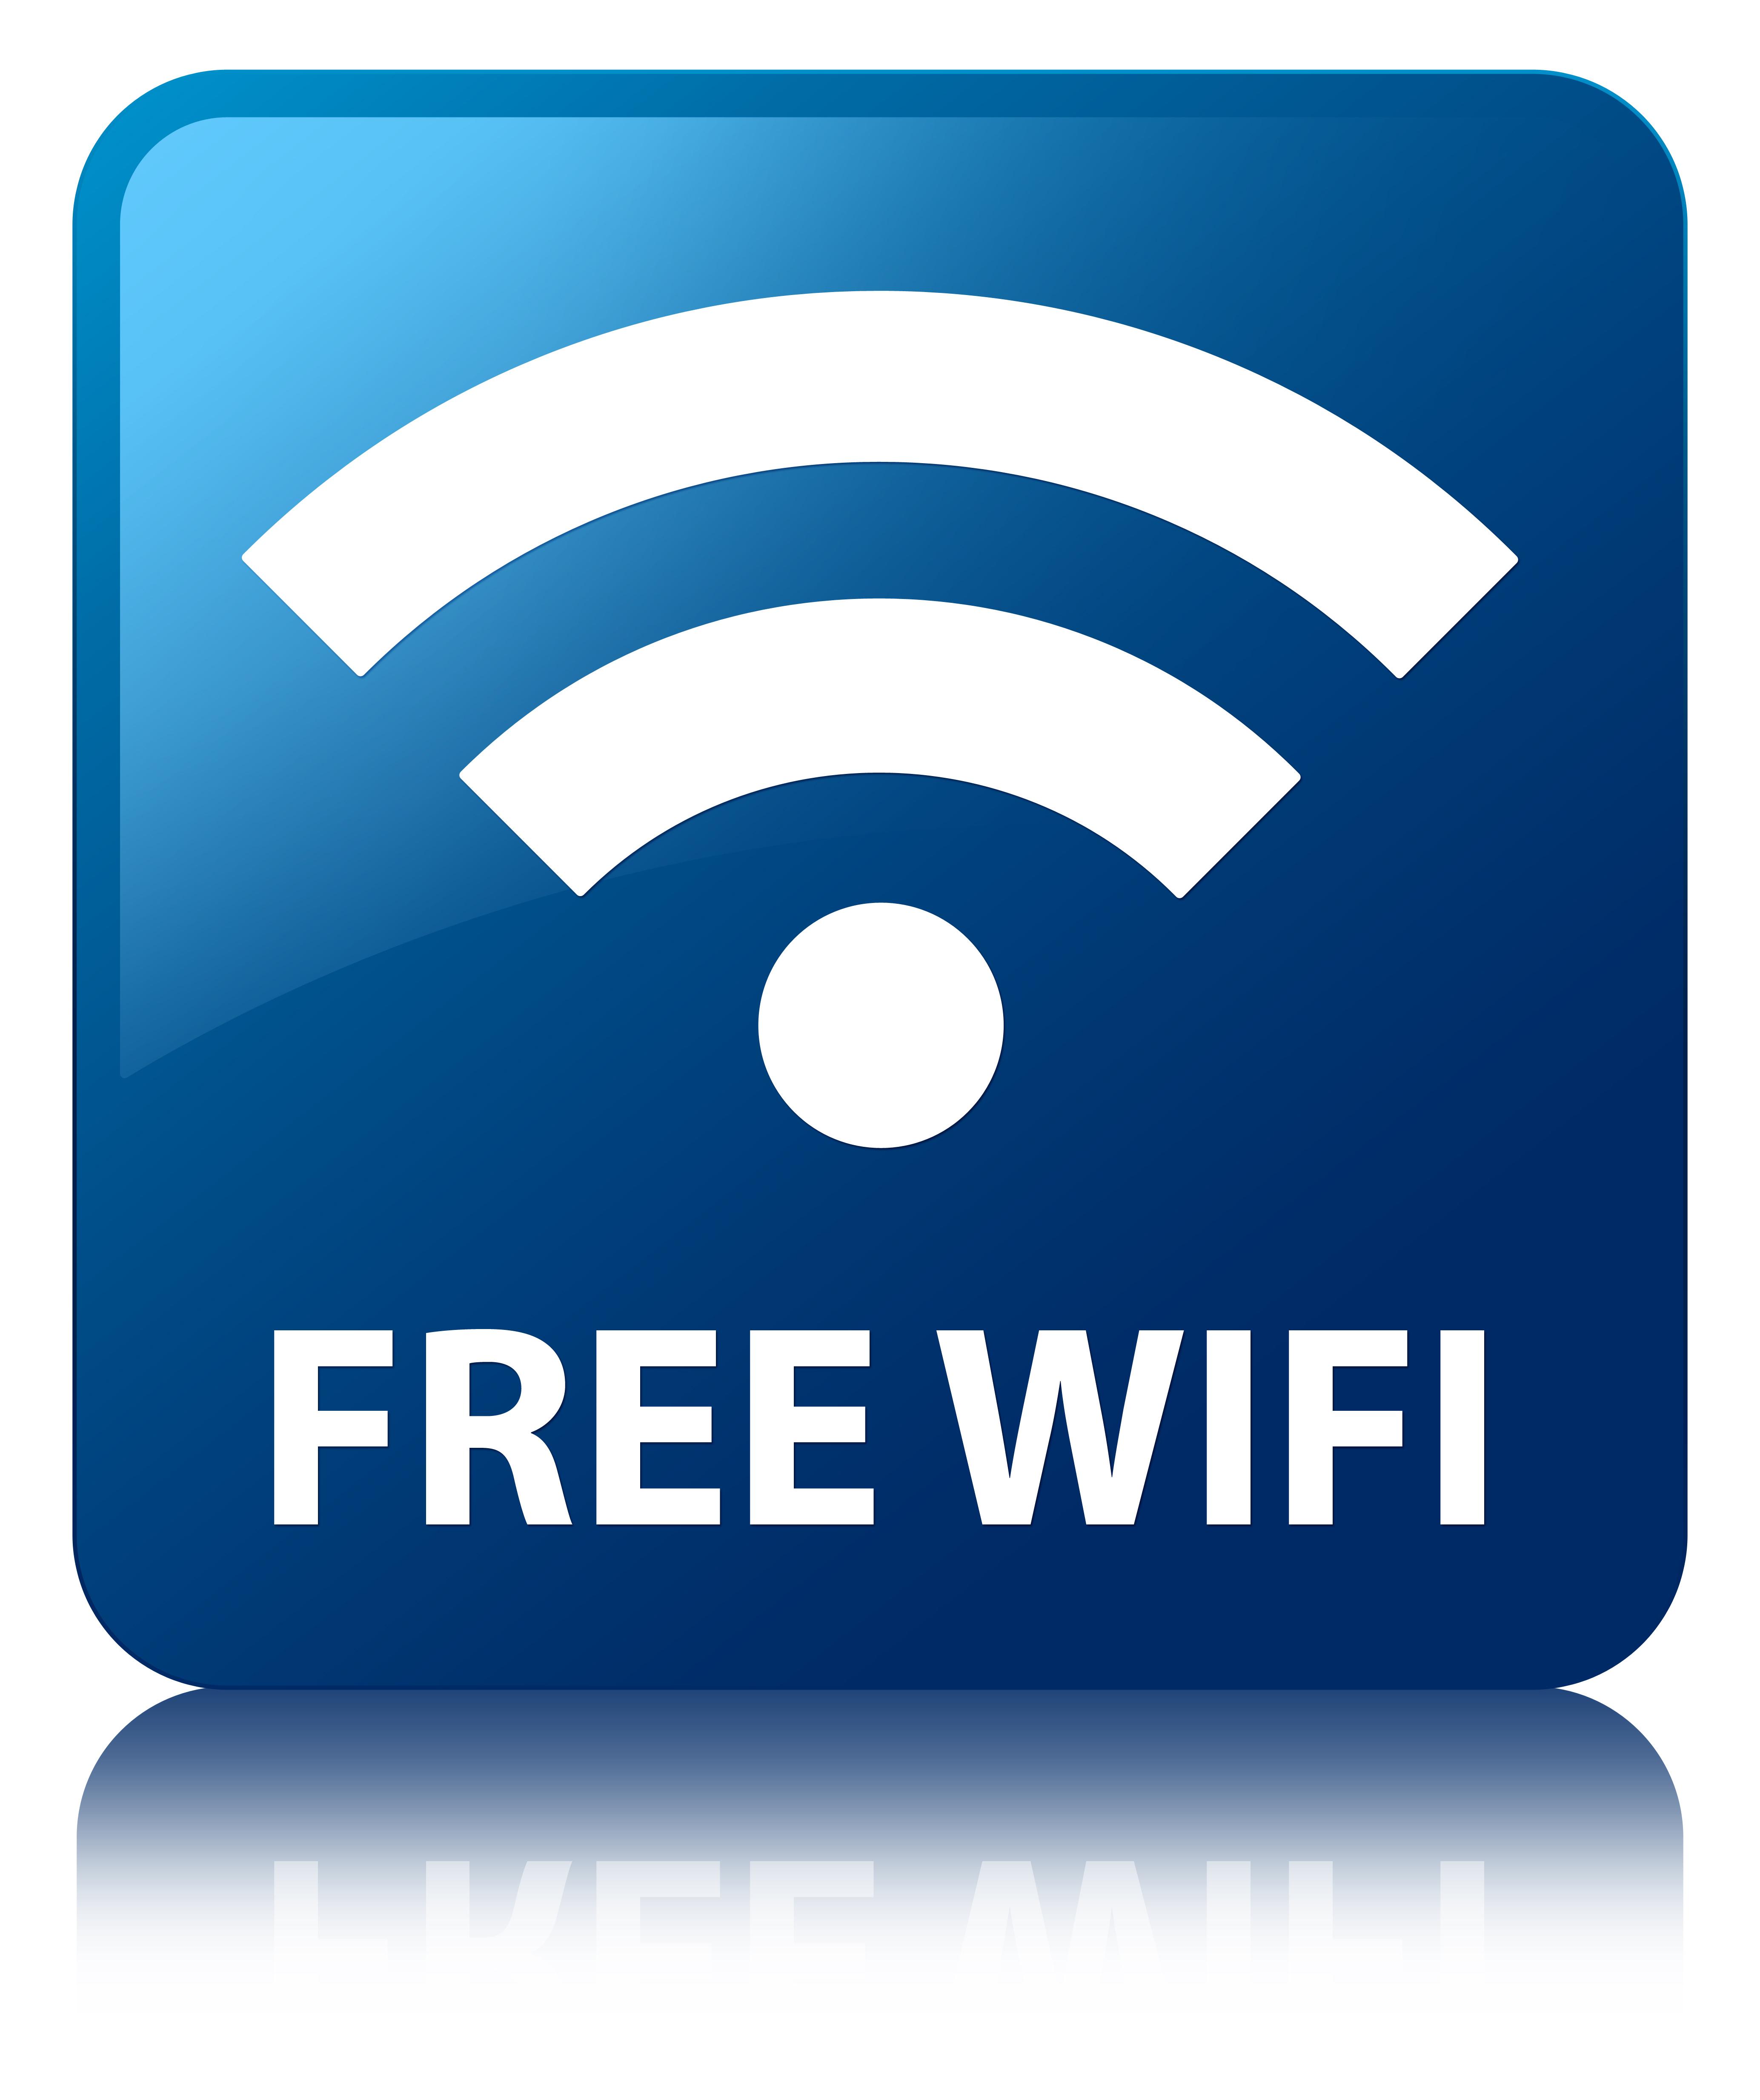 DSCC Free Wifi